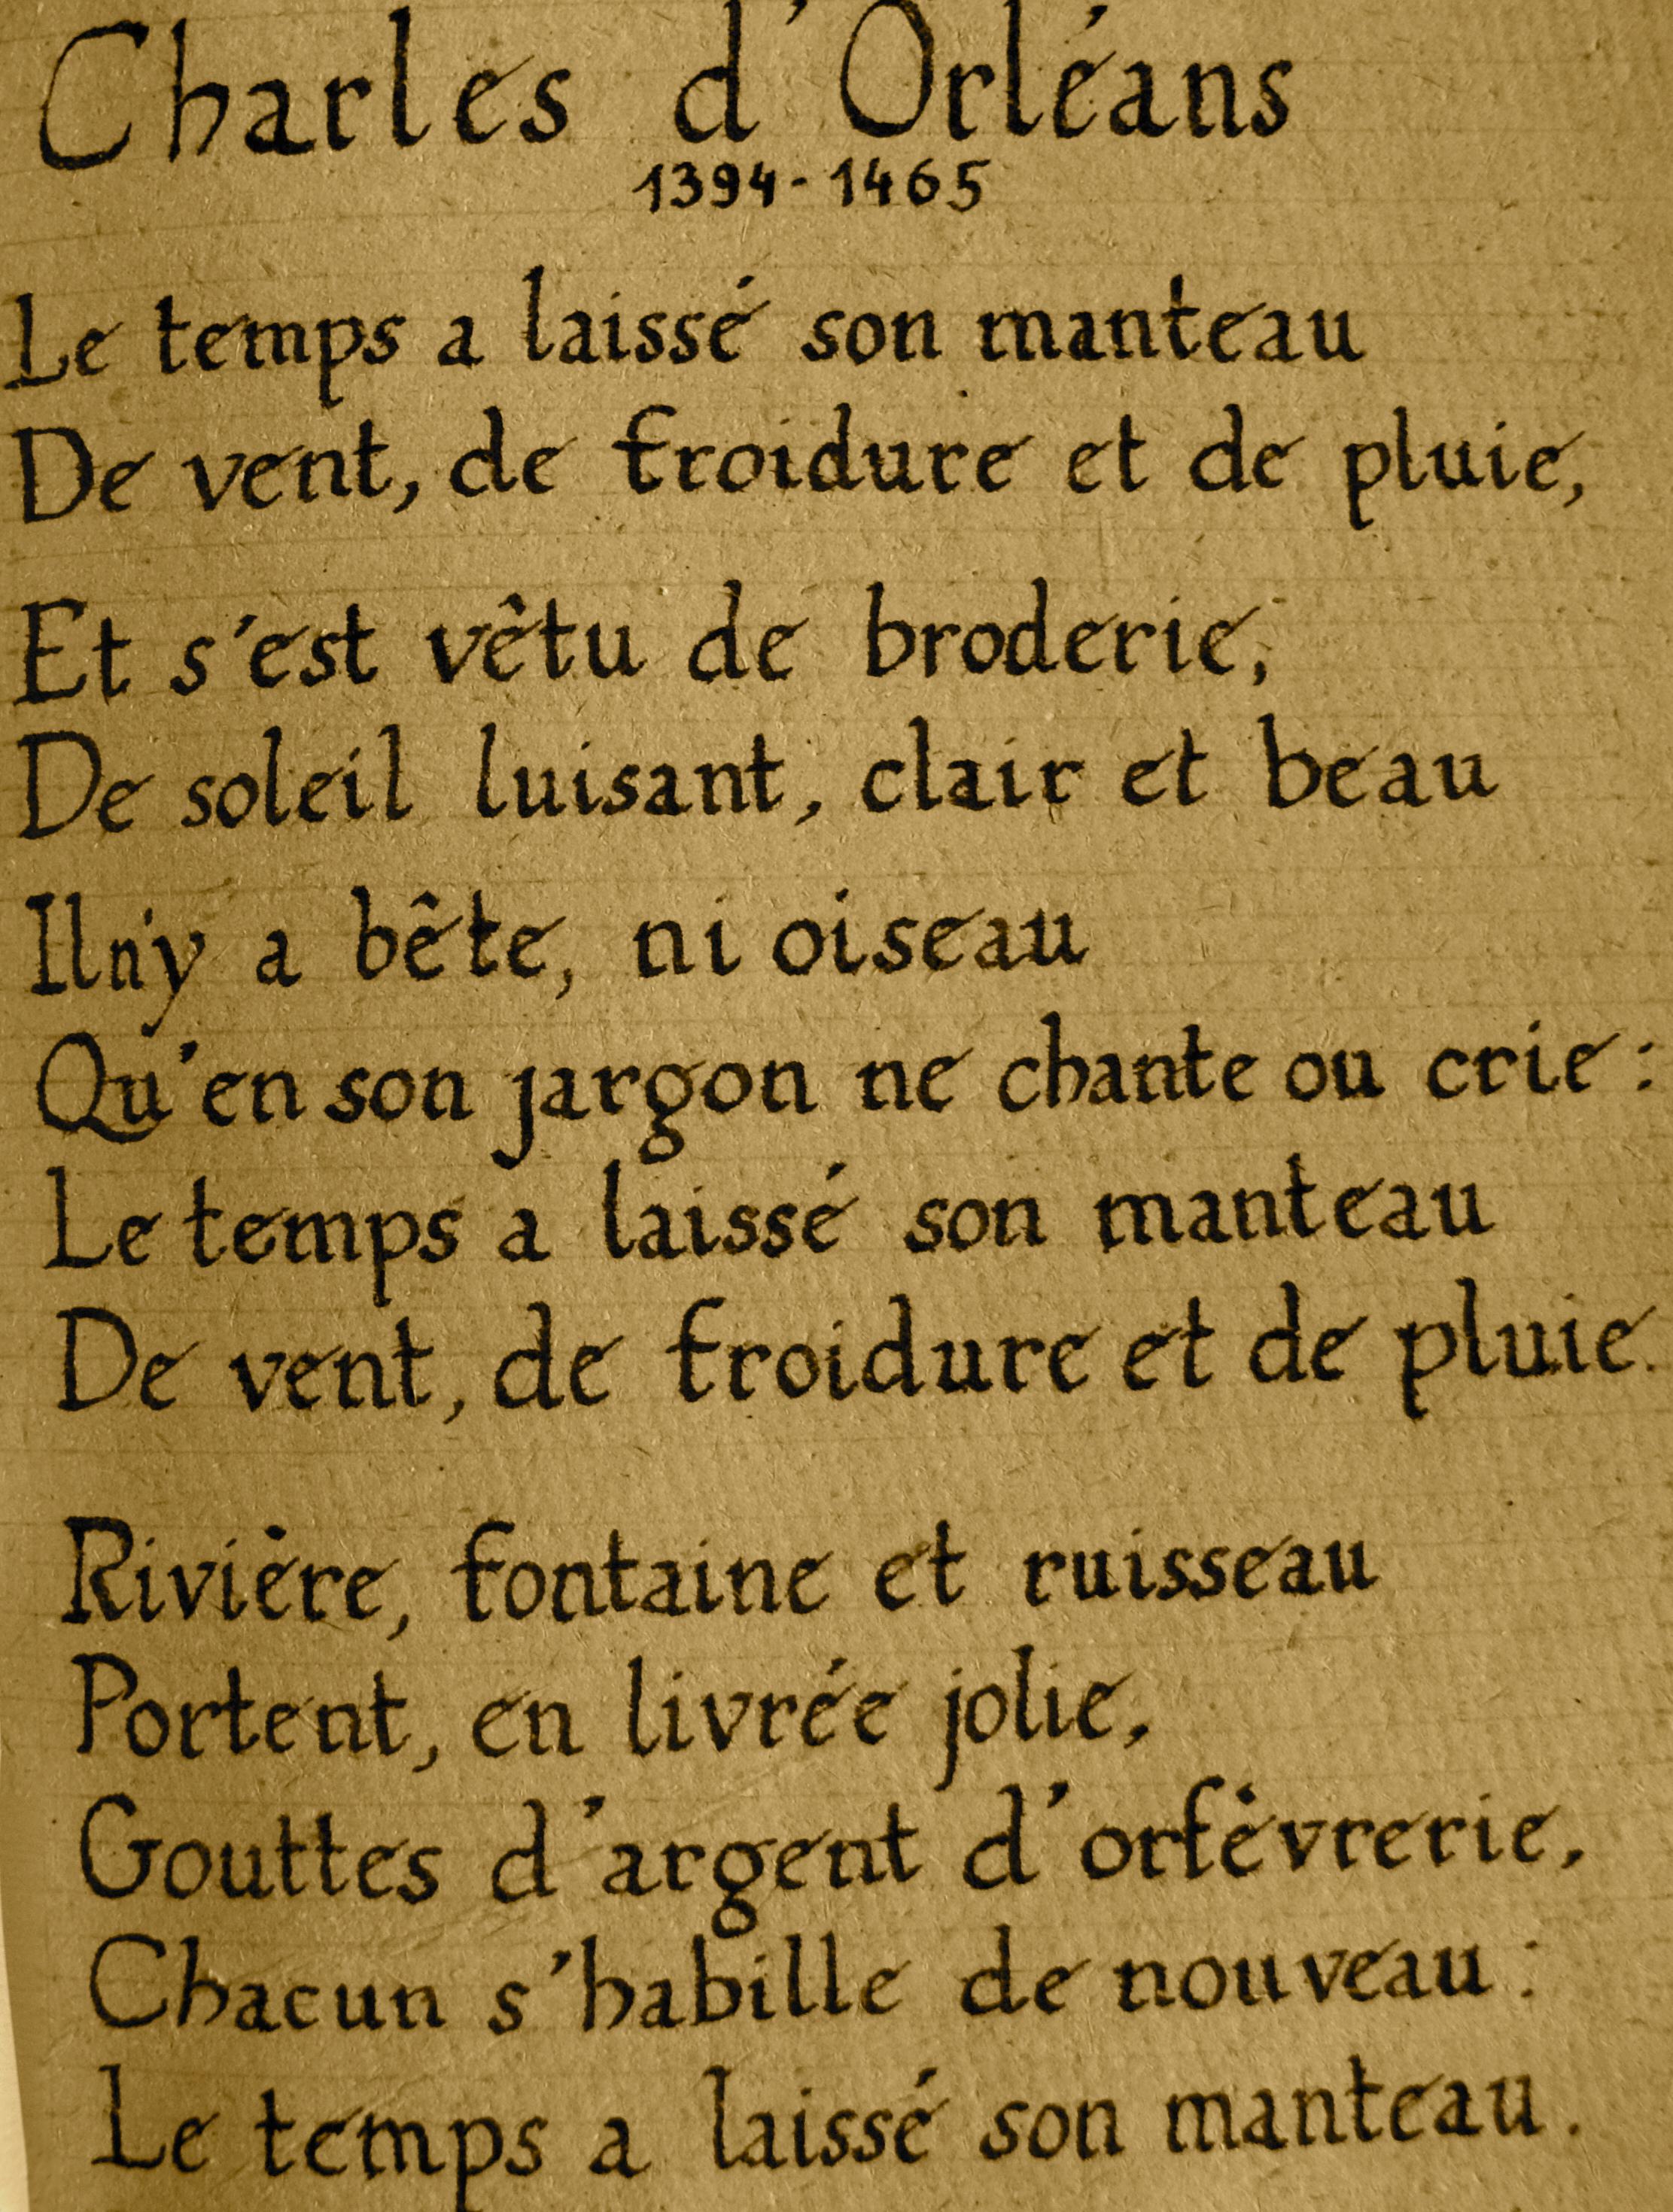 Charles d'Orléans - Le temps a laissé son manteau - texte